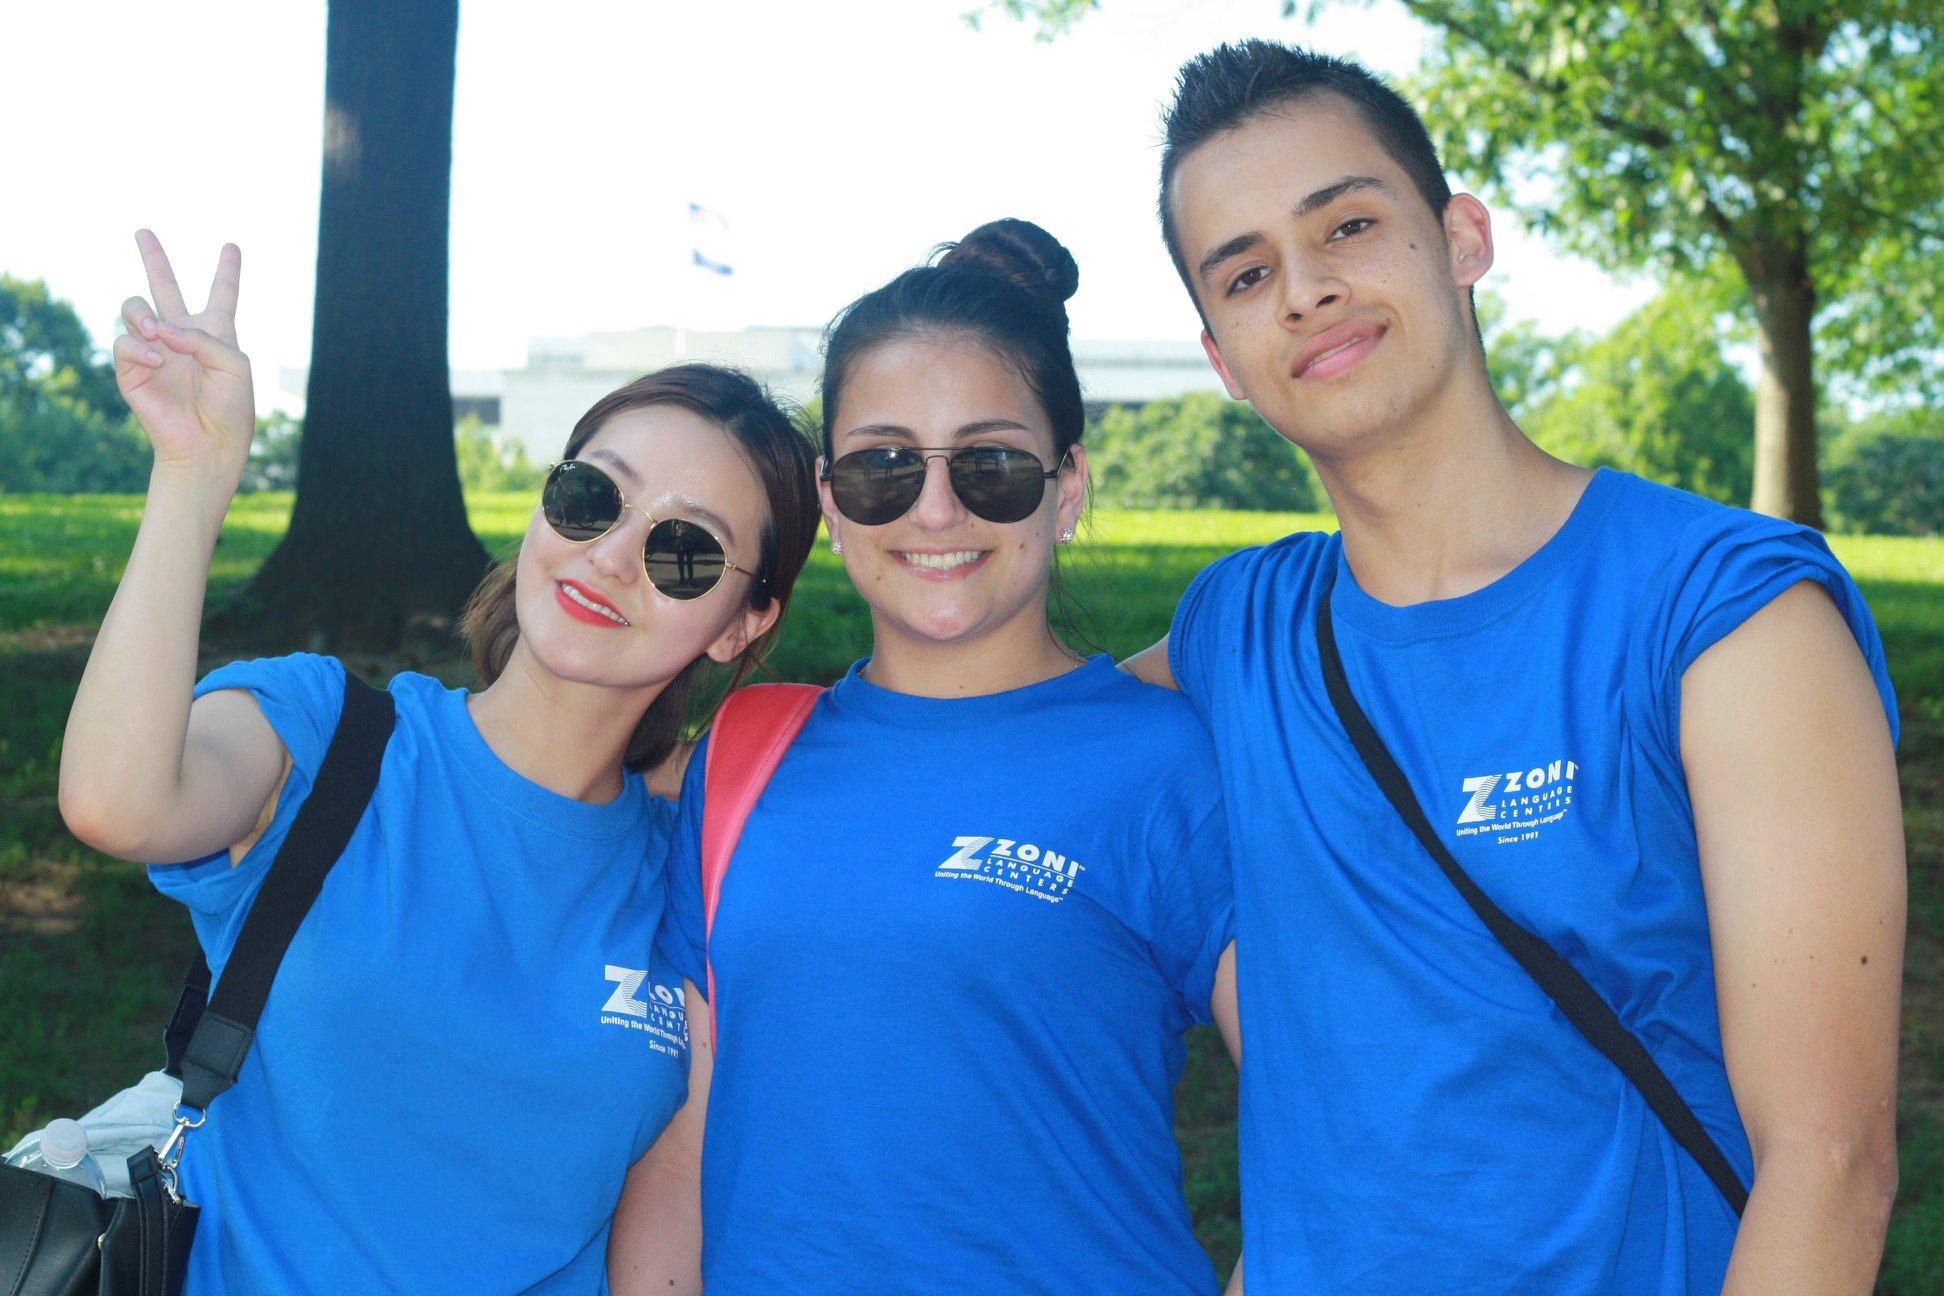 Zoni öğrencileri Washington DC Field Trip'te